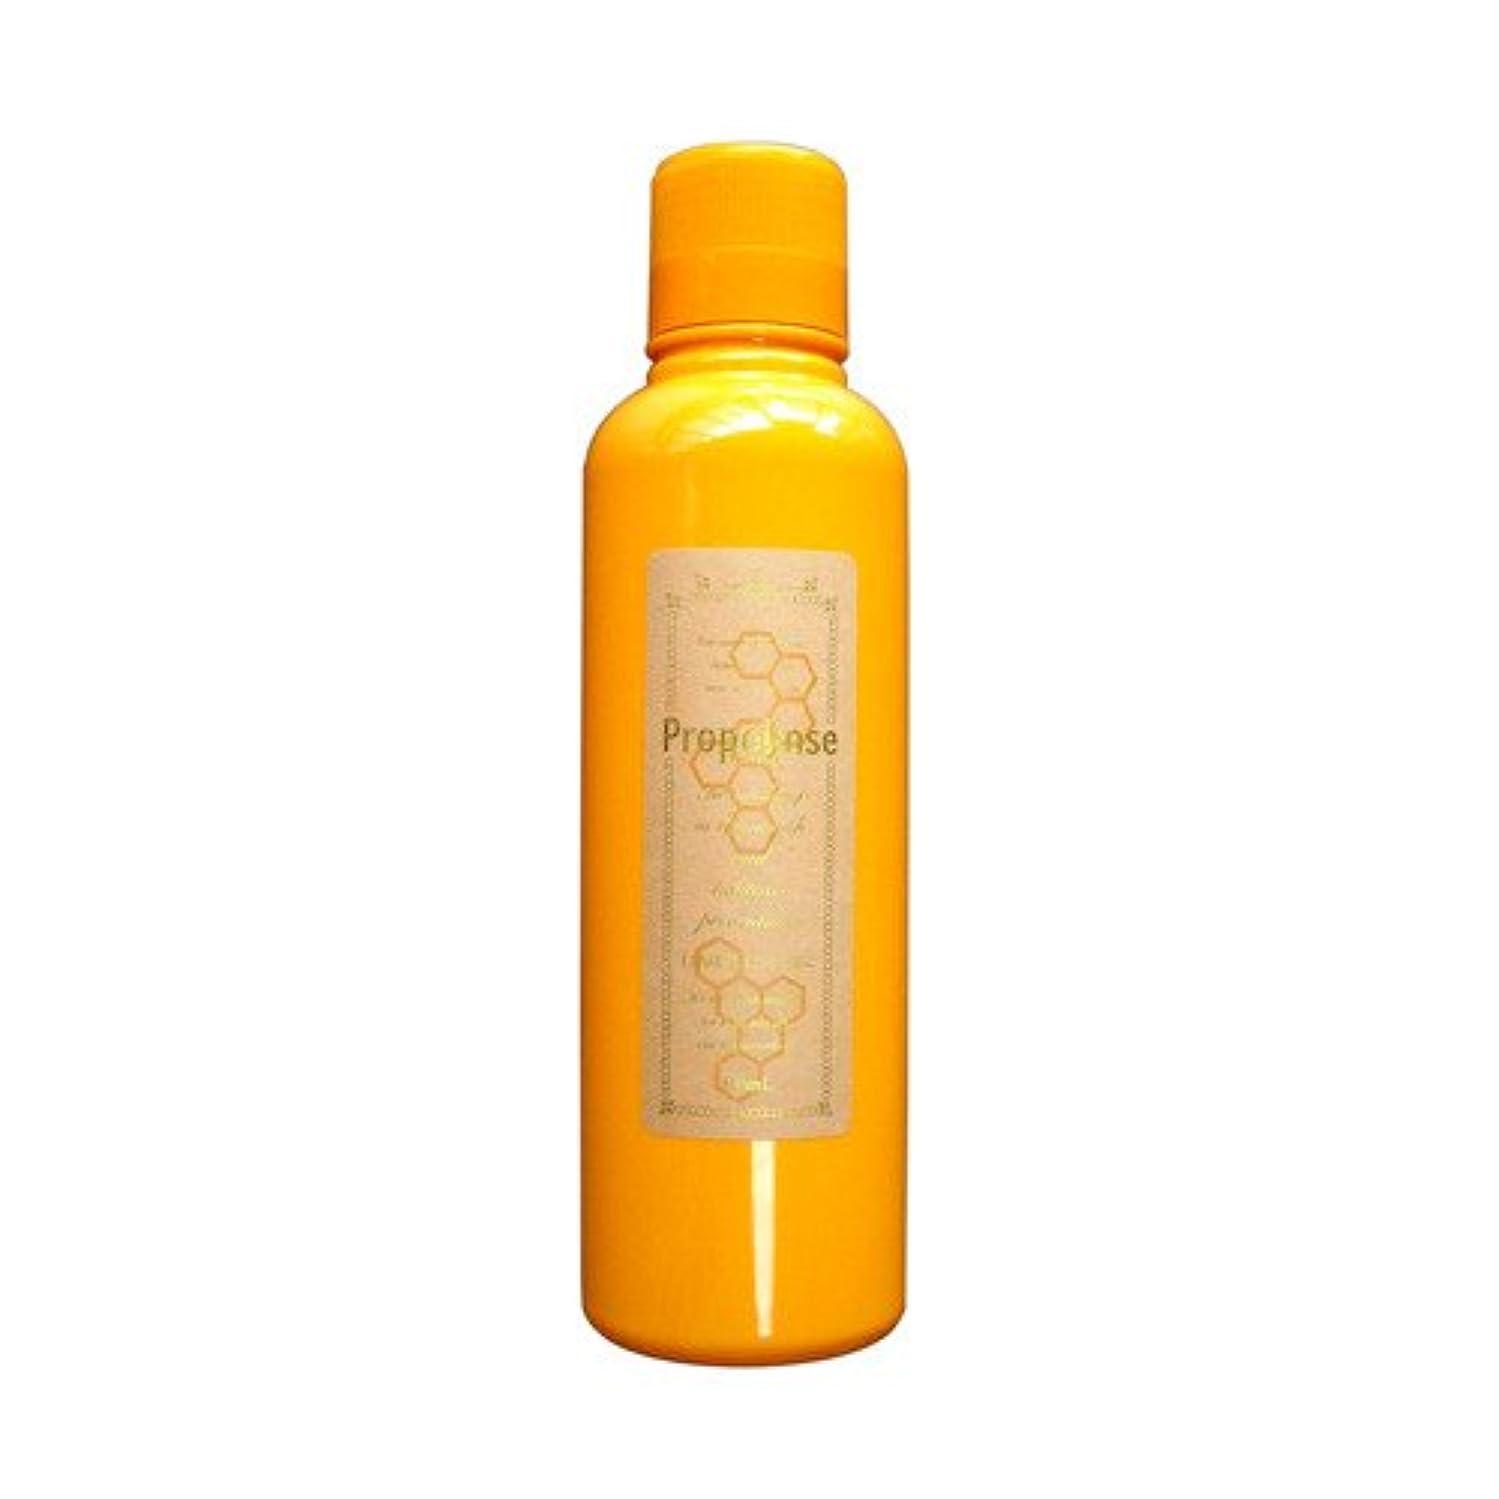 コーラス銀連邦ピエラス:口内洗浄、口臭予防に プロポリンス 600ml 10001034